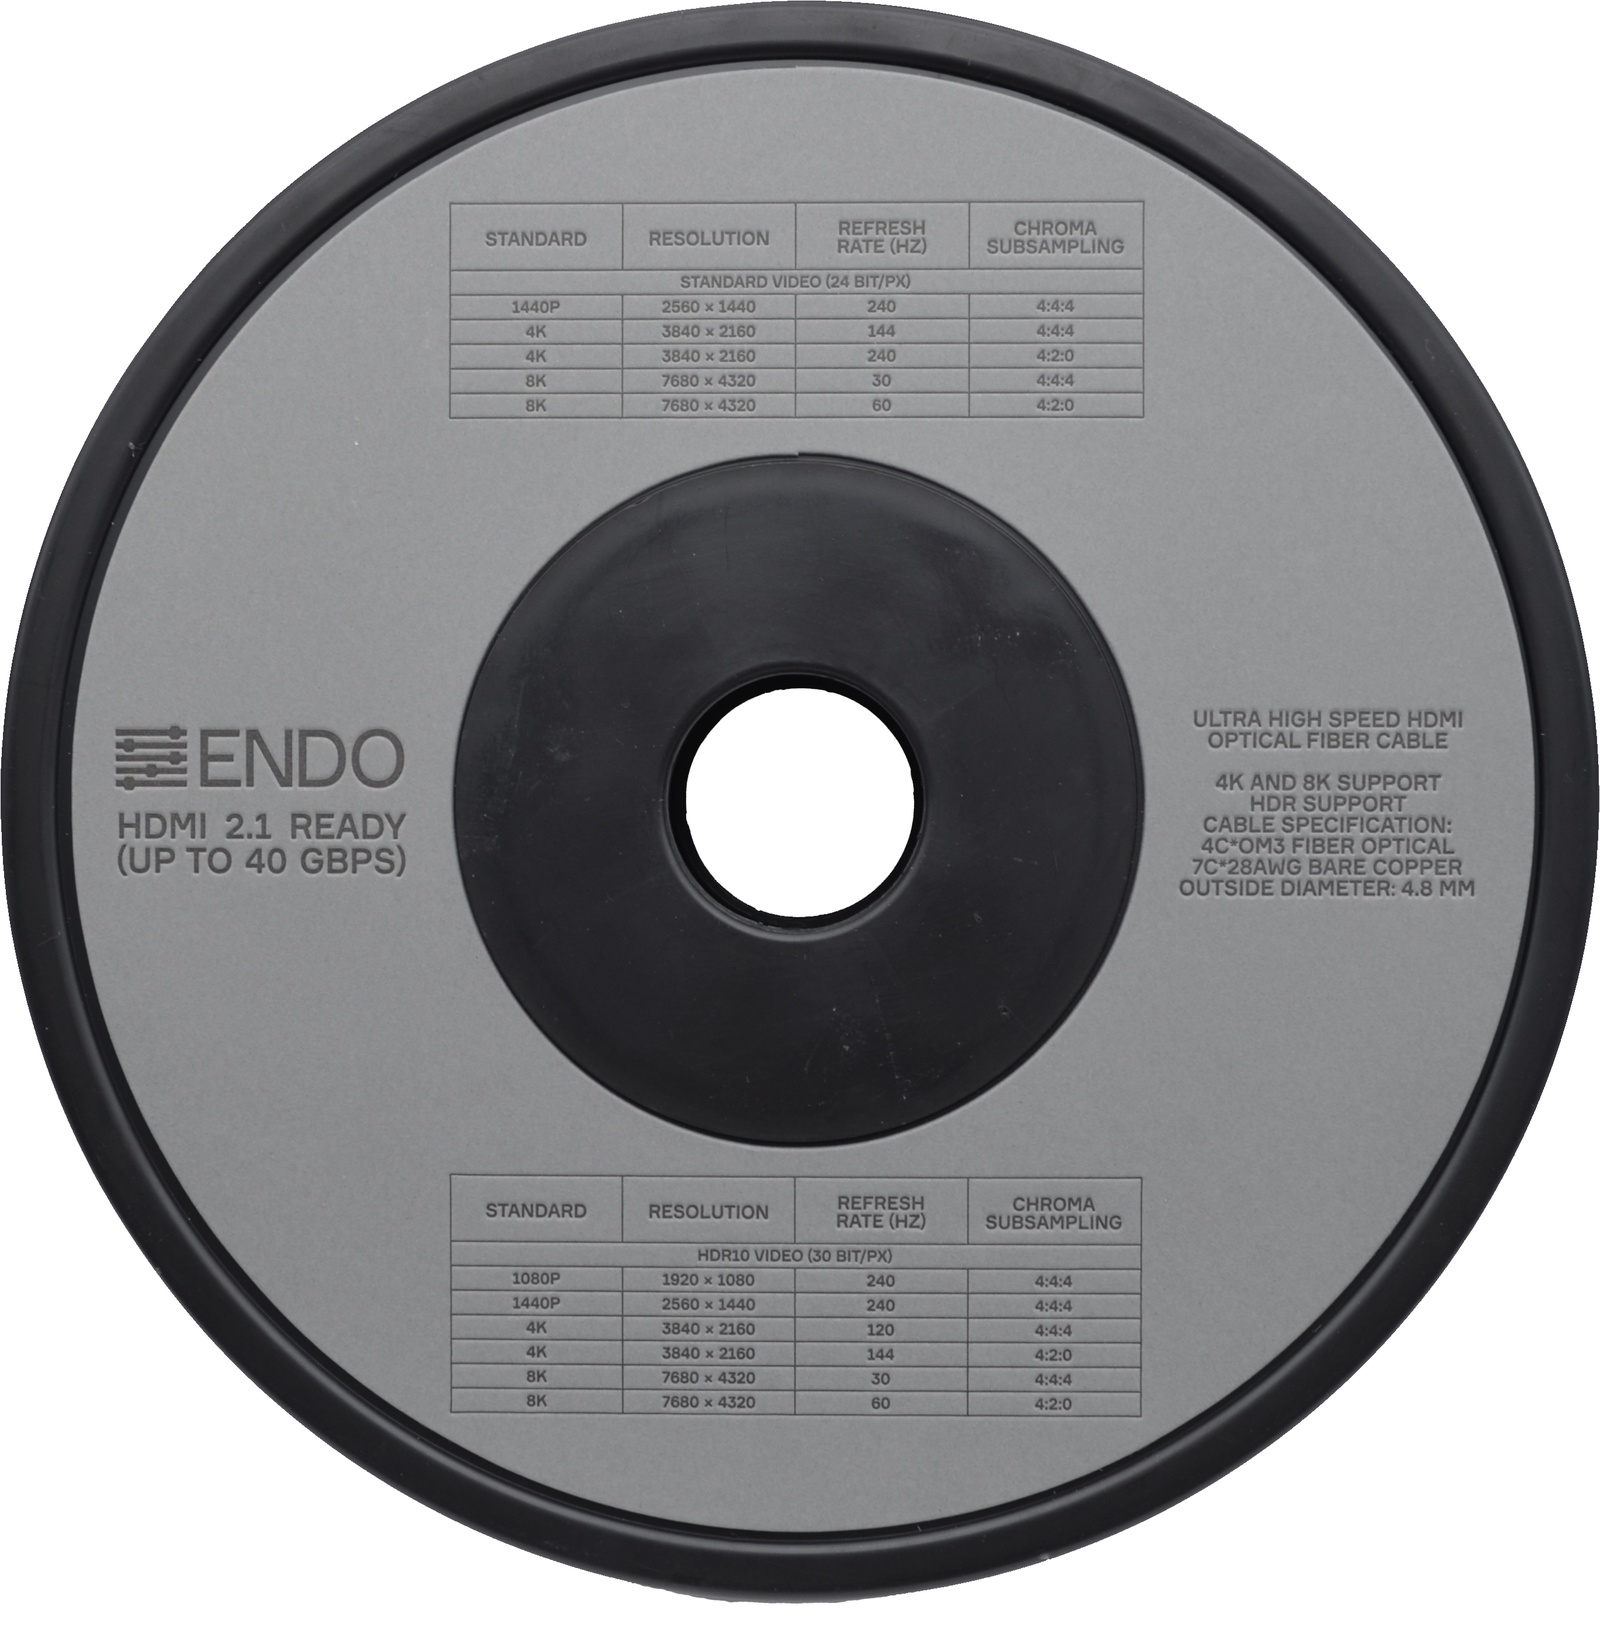 Кабель ENDO Inspiration HDMI - micro-HDMI/HDMI 2.1 READY 80 м устойчивый стенд для ноутбука другое для ноутбука подставка с охлаждающим вентилятором пластик другое для ноутбука